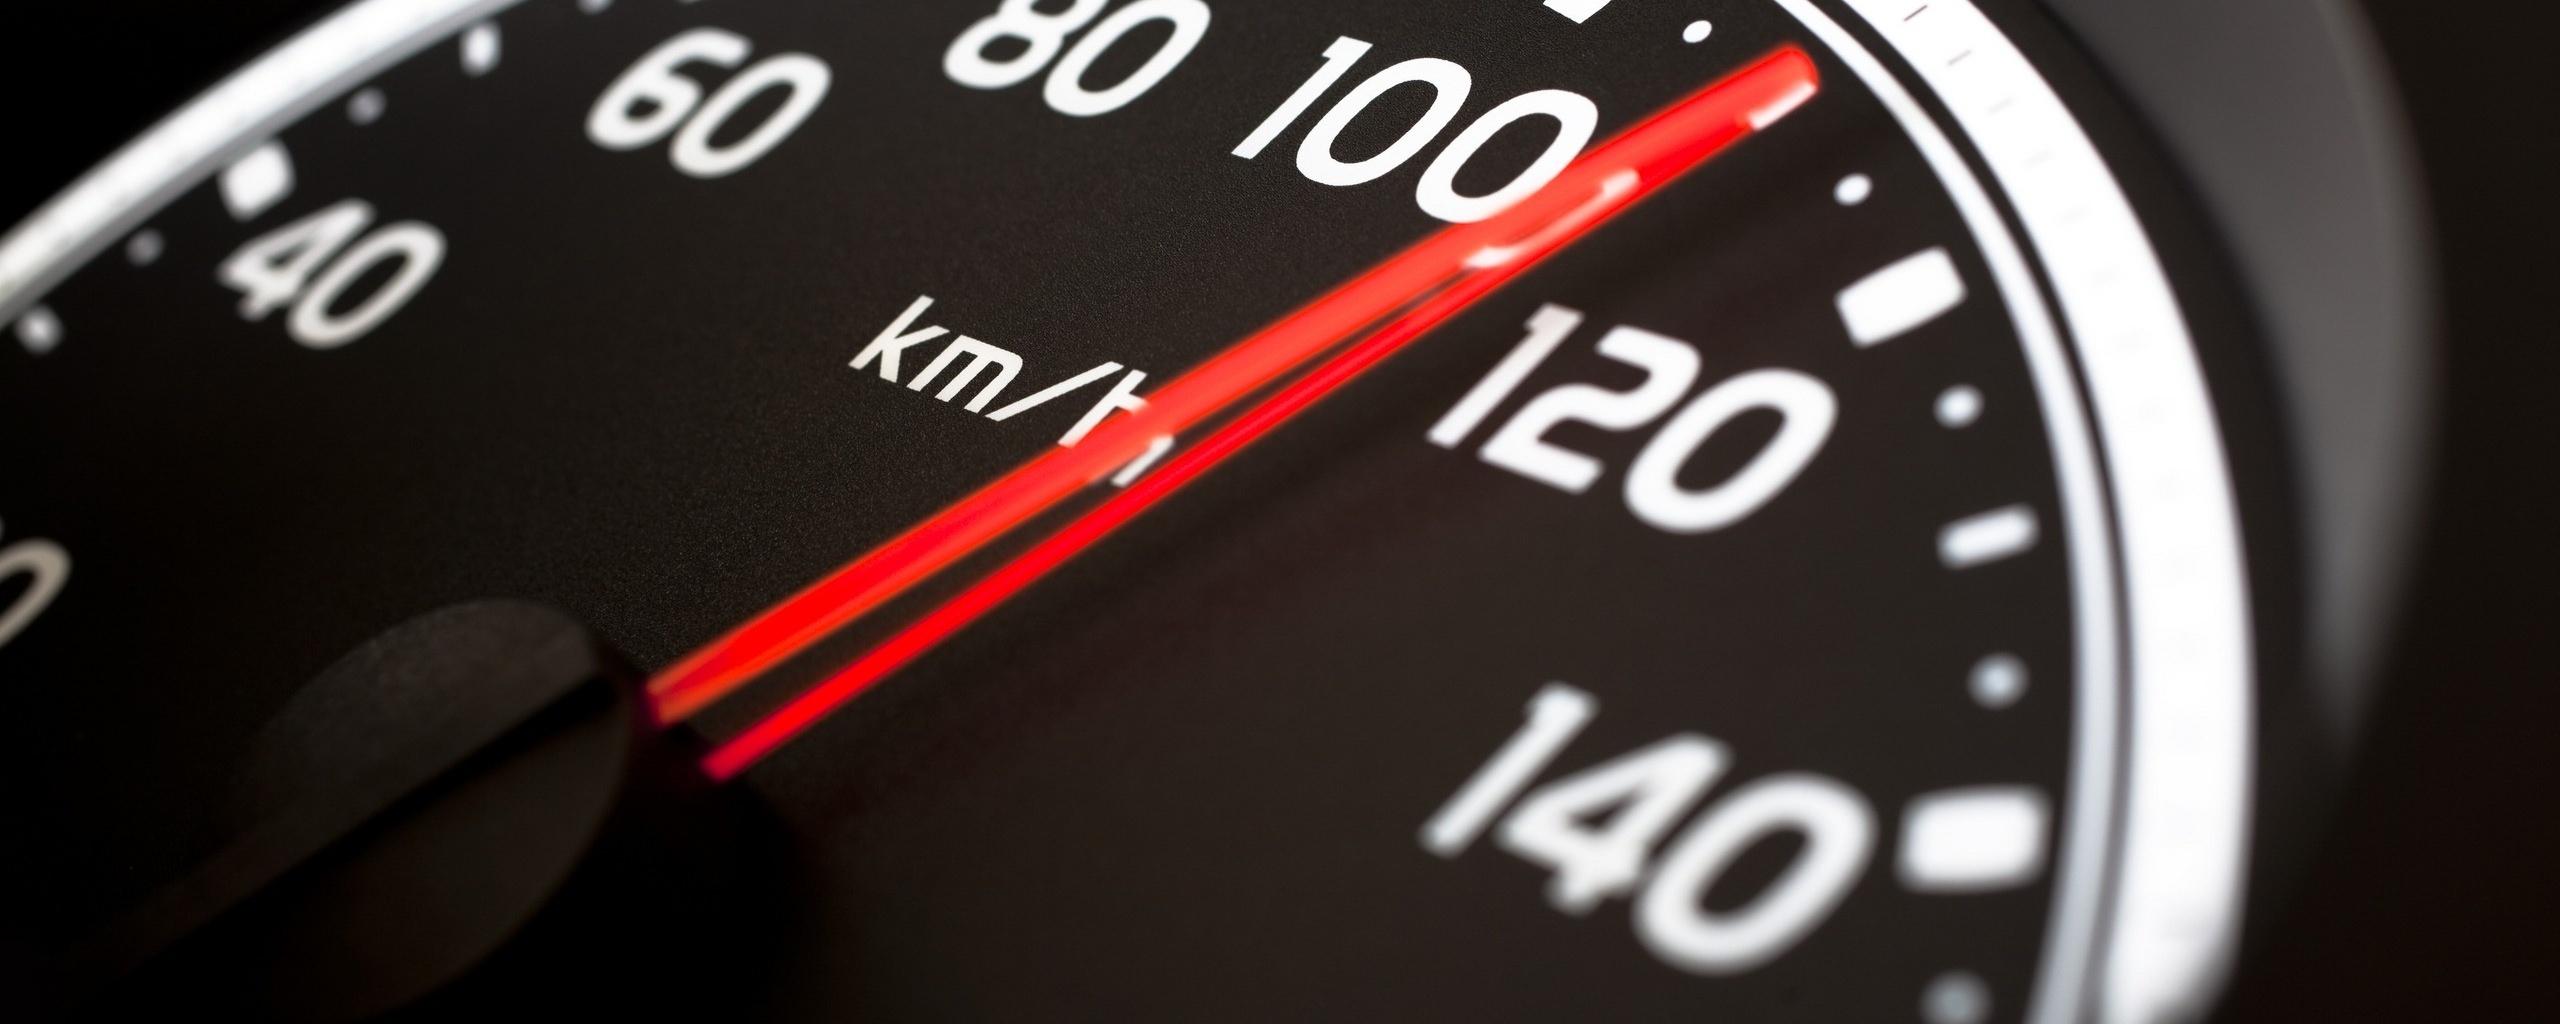 разве превышение установленной скорости на 30 км более